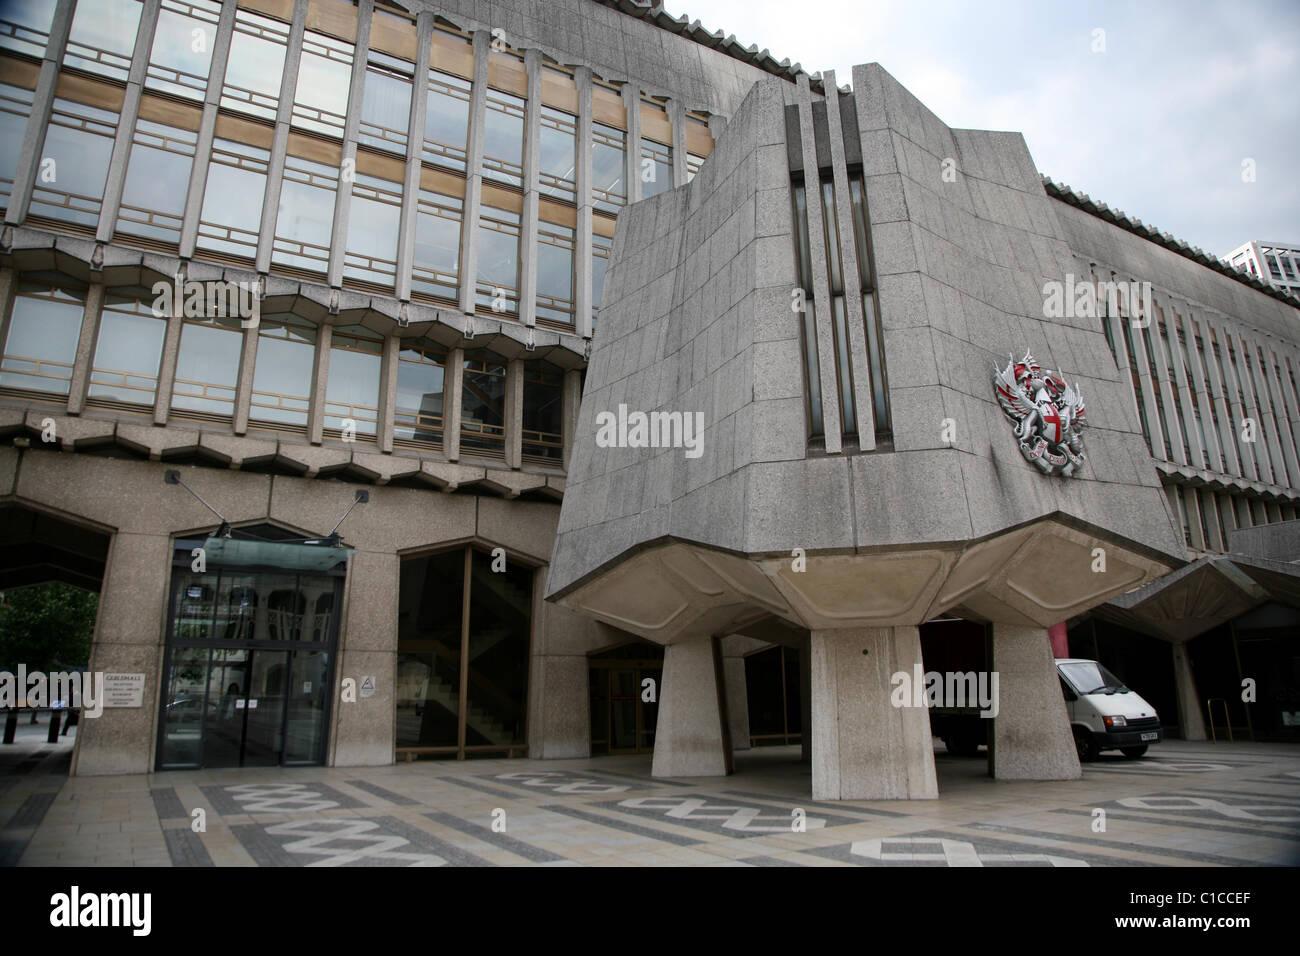 Vue générale de gv dans Guildhall Barbican, Londres, Angleterre. Photo Stock